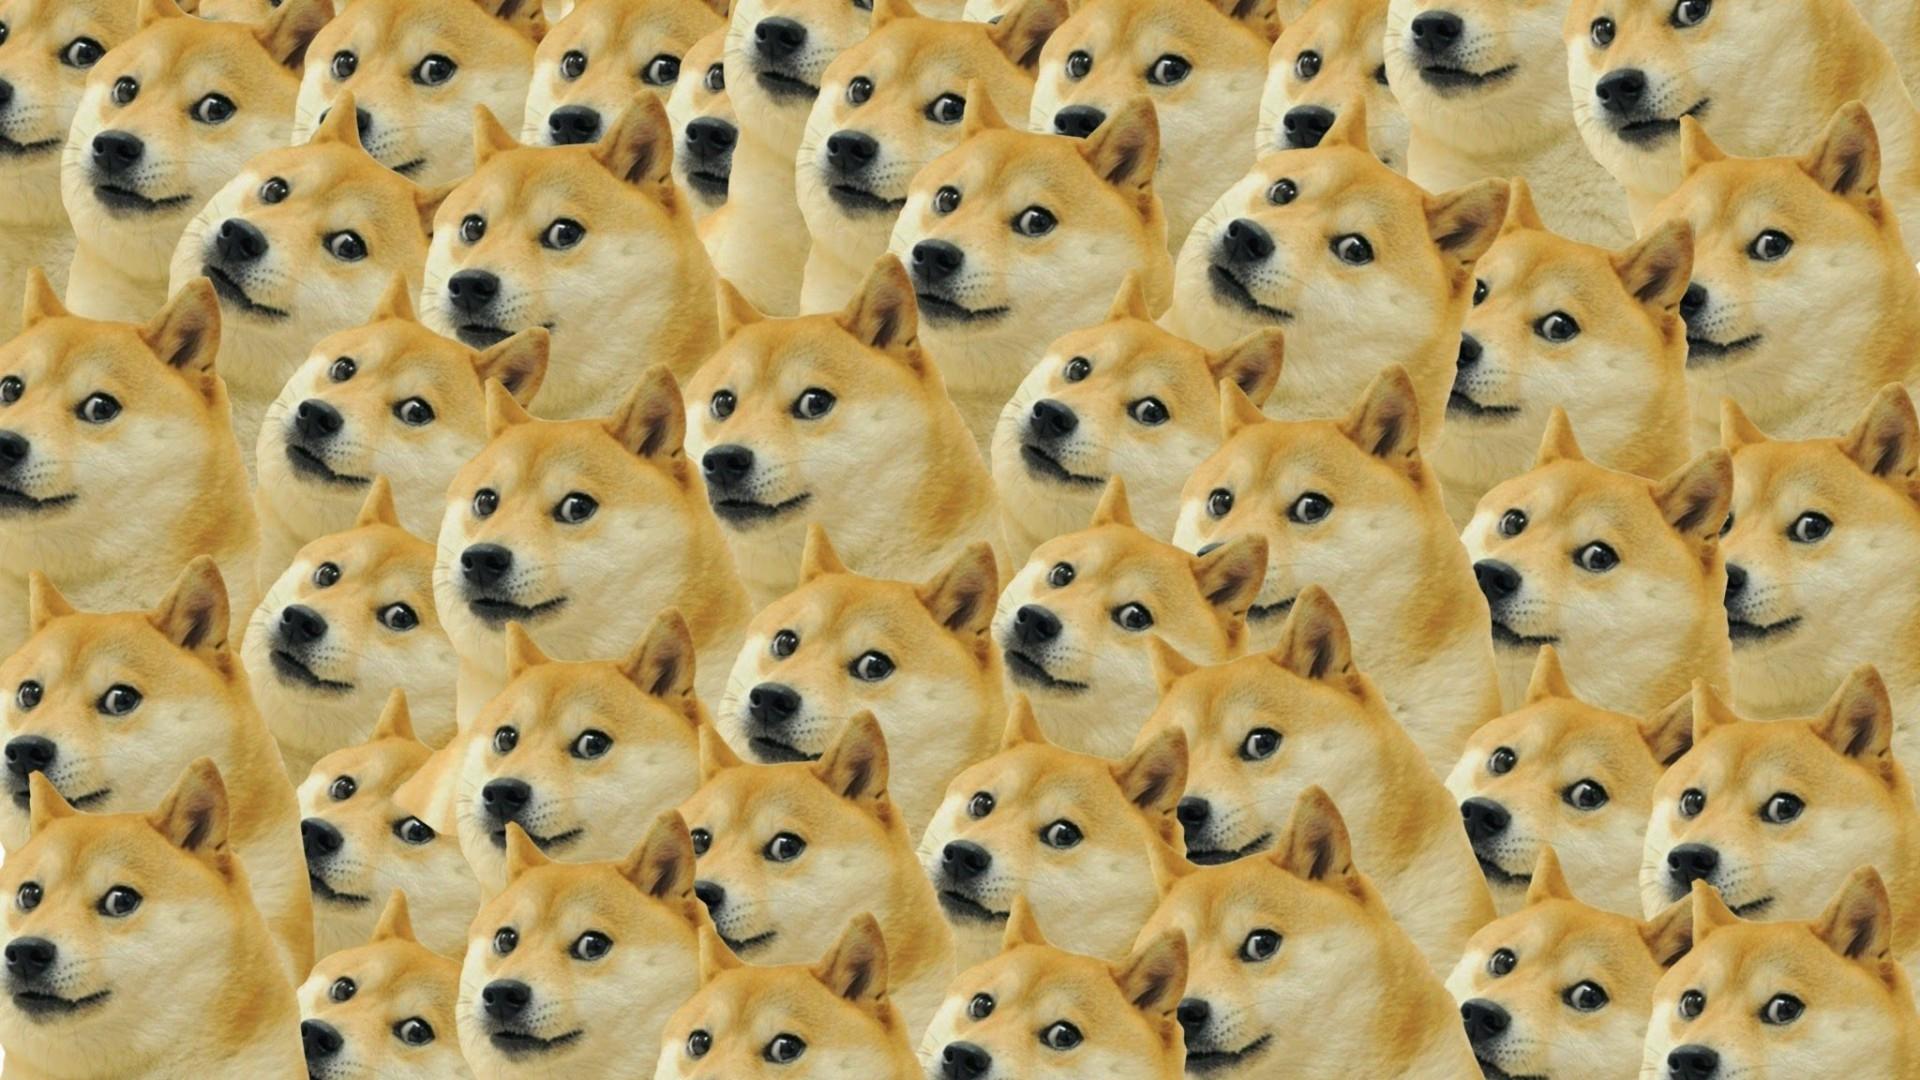 """腾讯申请注册""""狗头""""表情包商标 涉及食品洁具广告等"""